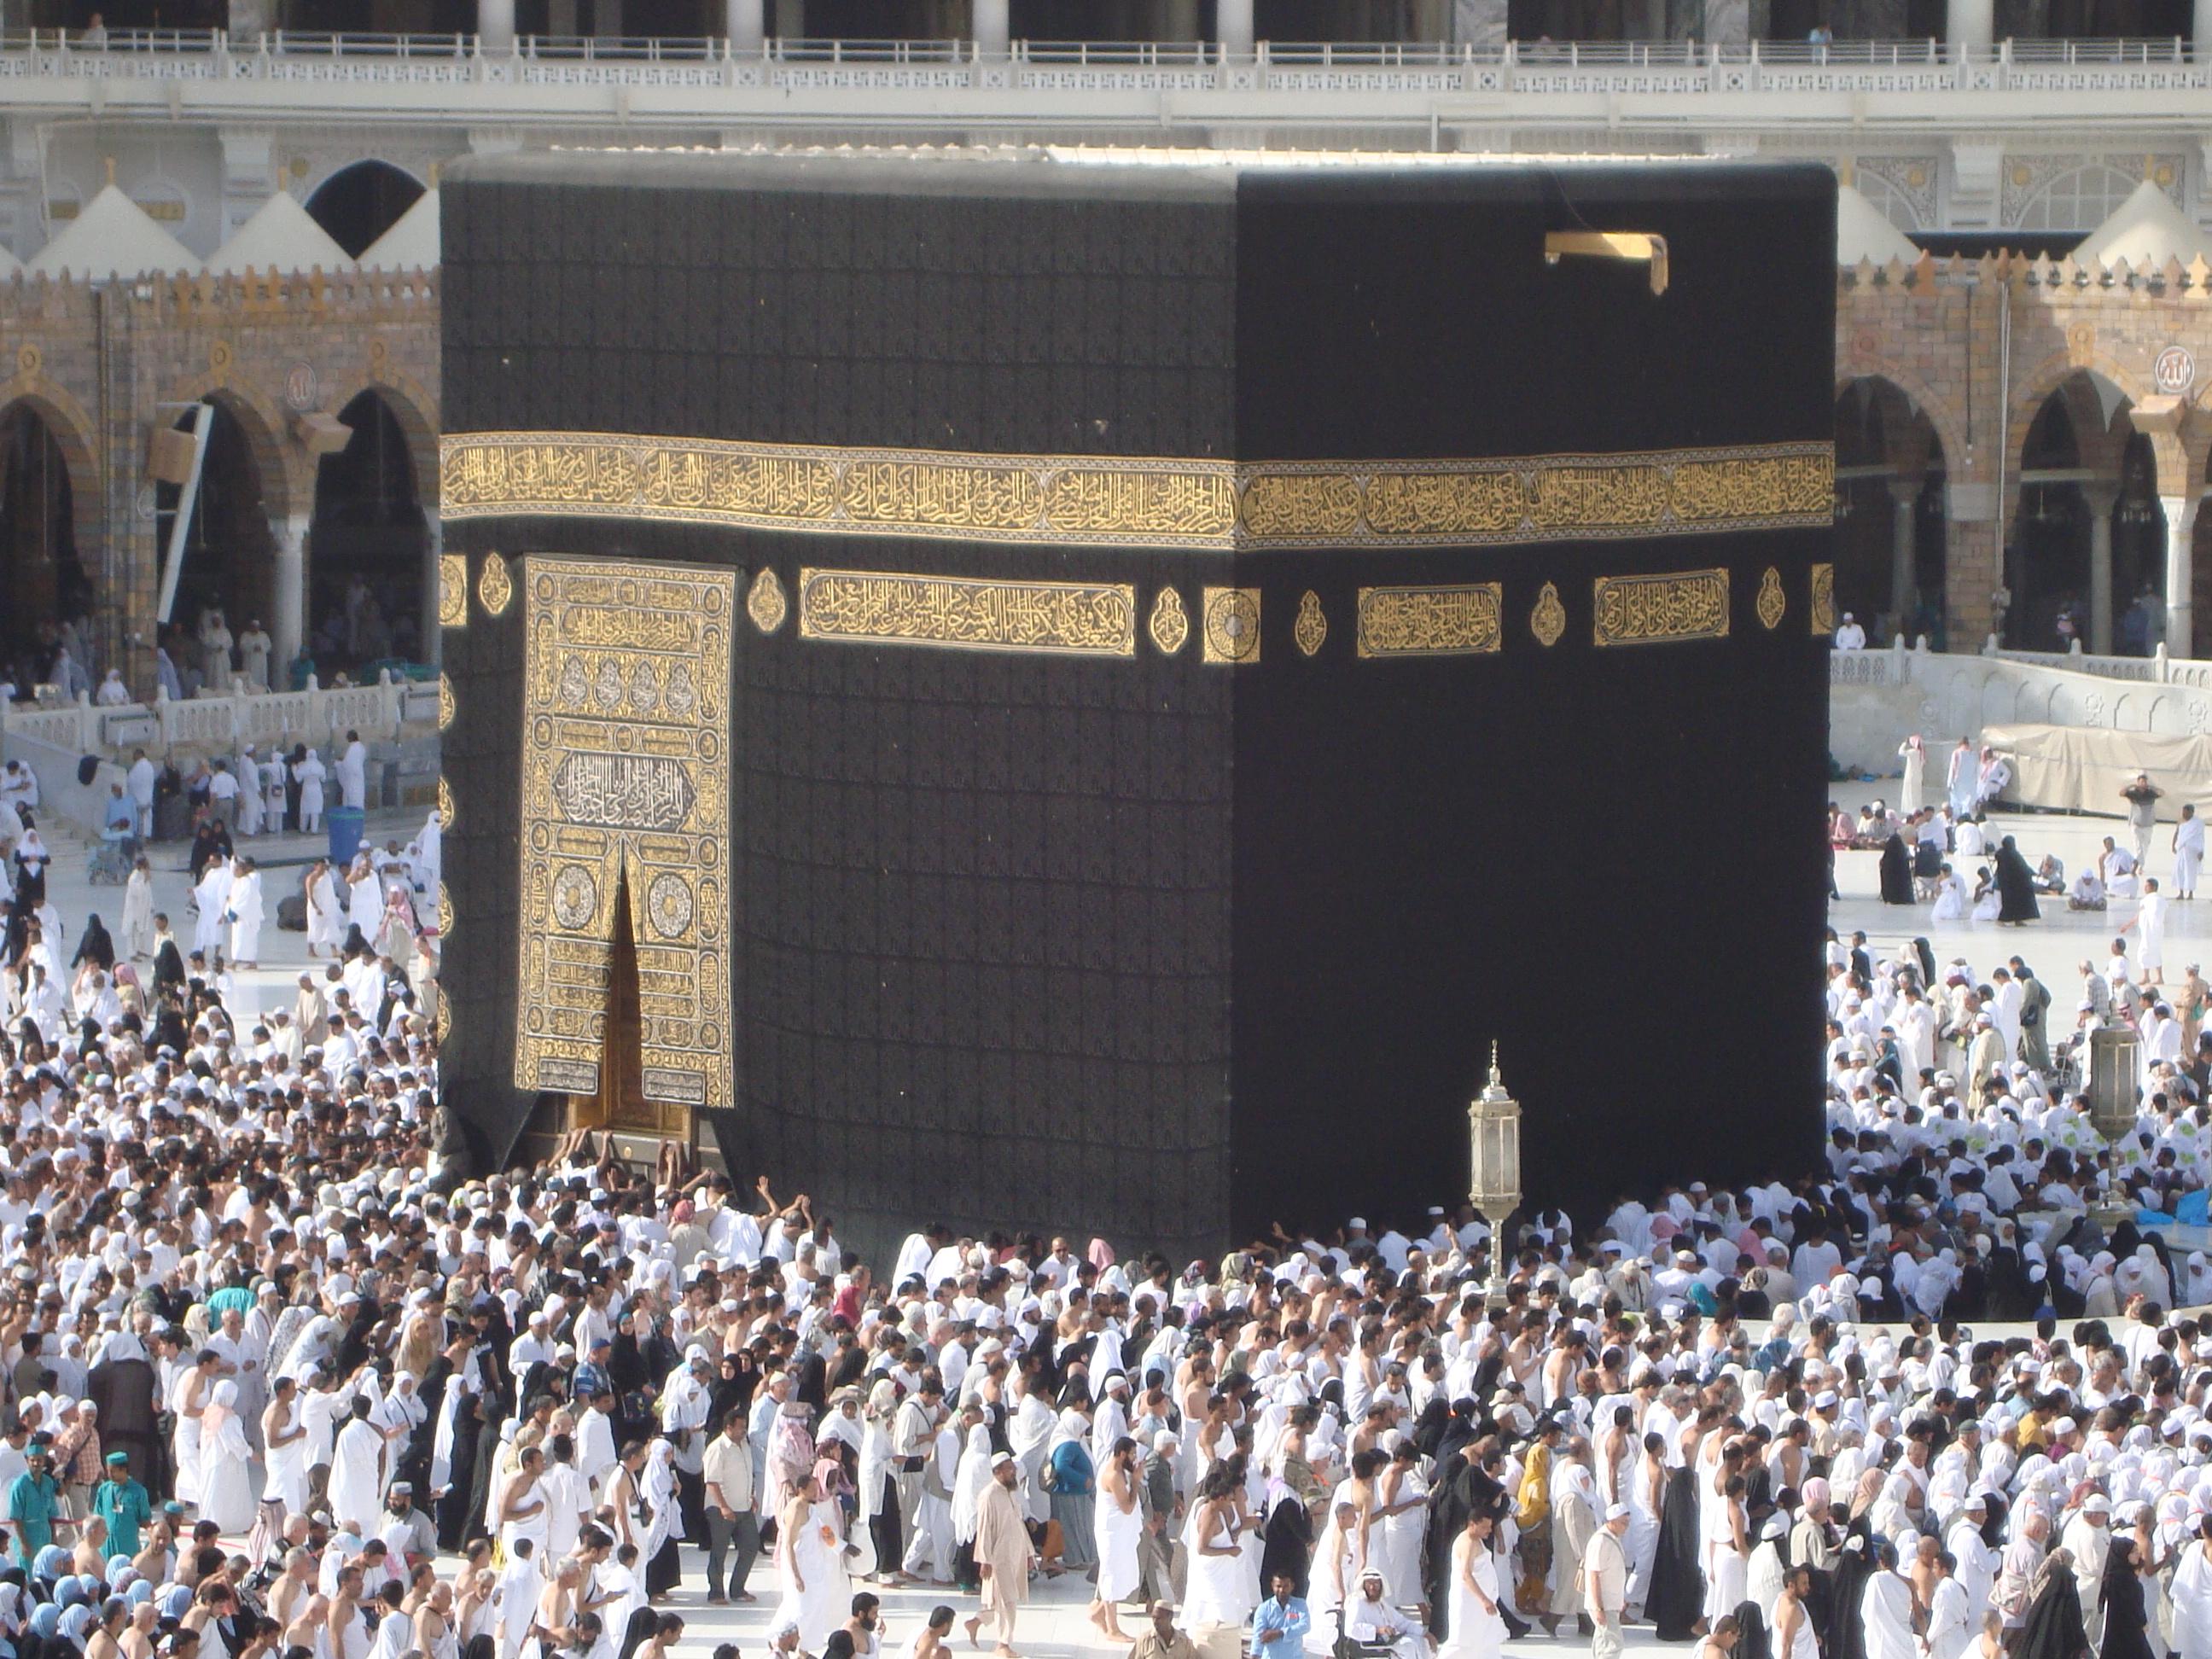 بالصور صور اسلاميه , خلفيات اسلامية روعة و مؤثرة 4013 8